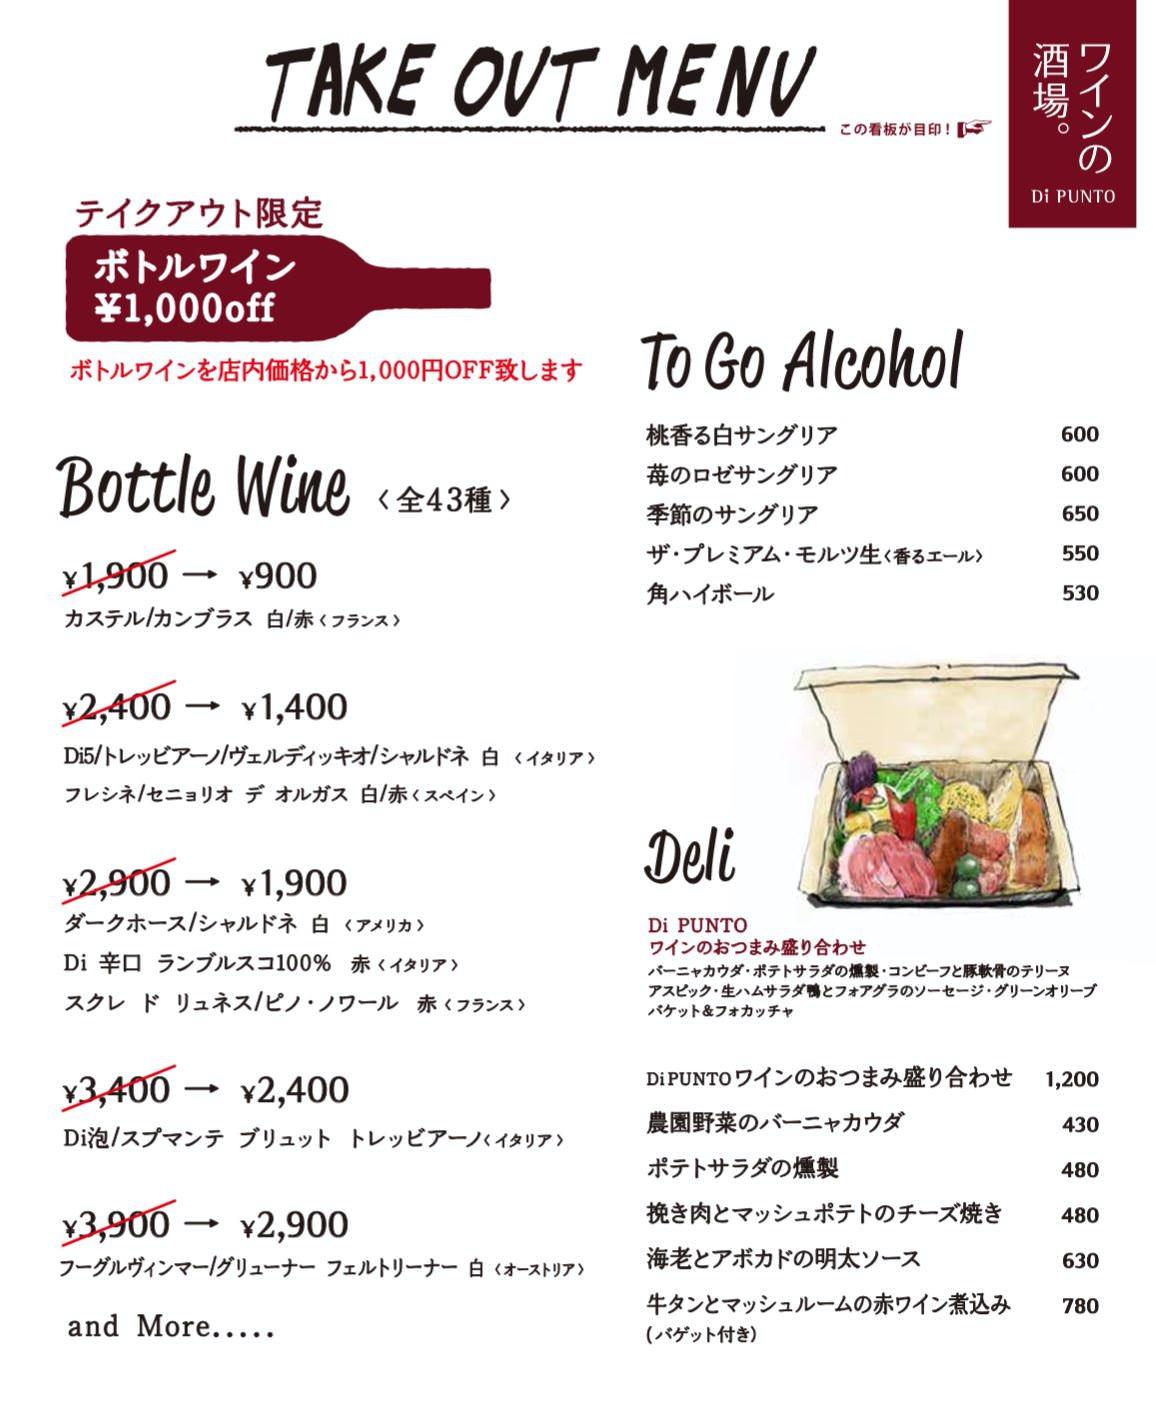 ワイン酒場「Di PUNTO(ディプント)」ワインのおつまみ盛り合わせ(1,200円)や全ワイン1,000円オフのテイクアウトメニューを開始